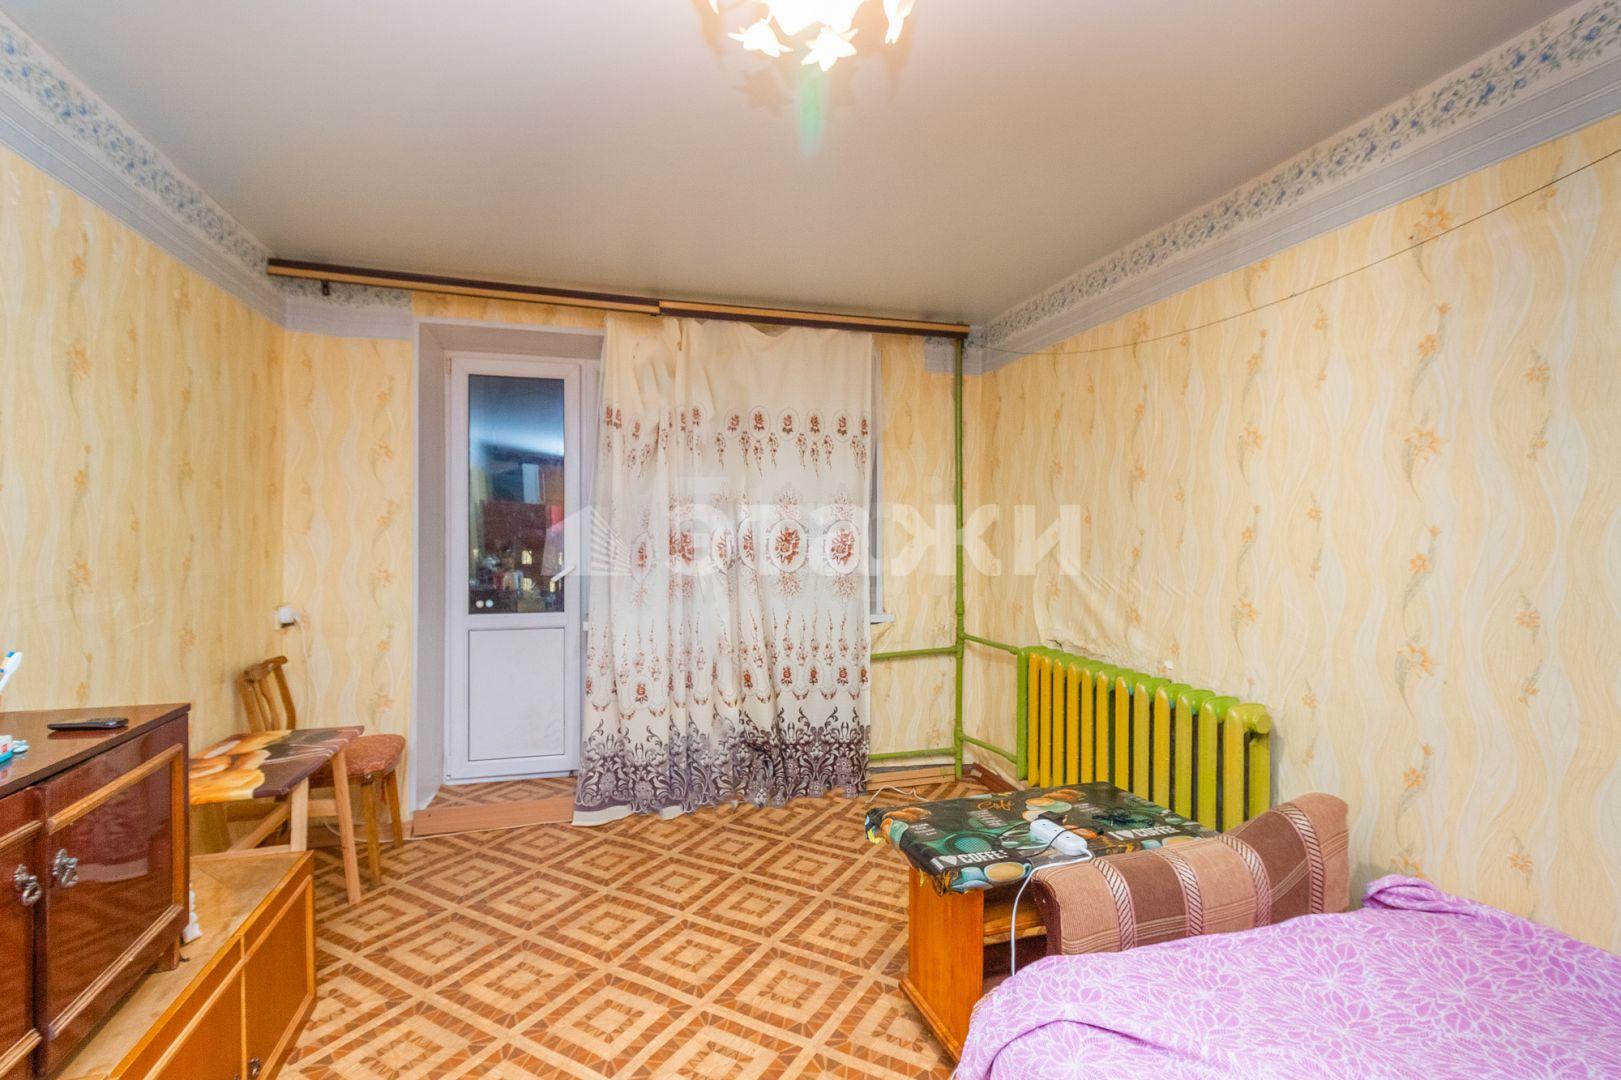 Купить квартиру в рассрочку без первоначального взноса киев